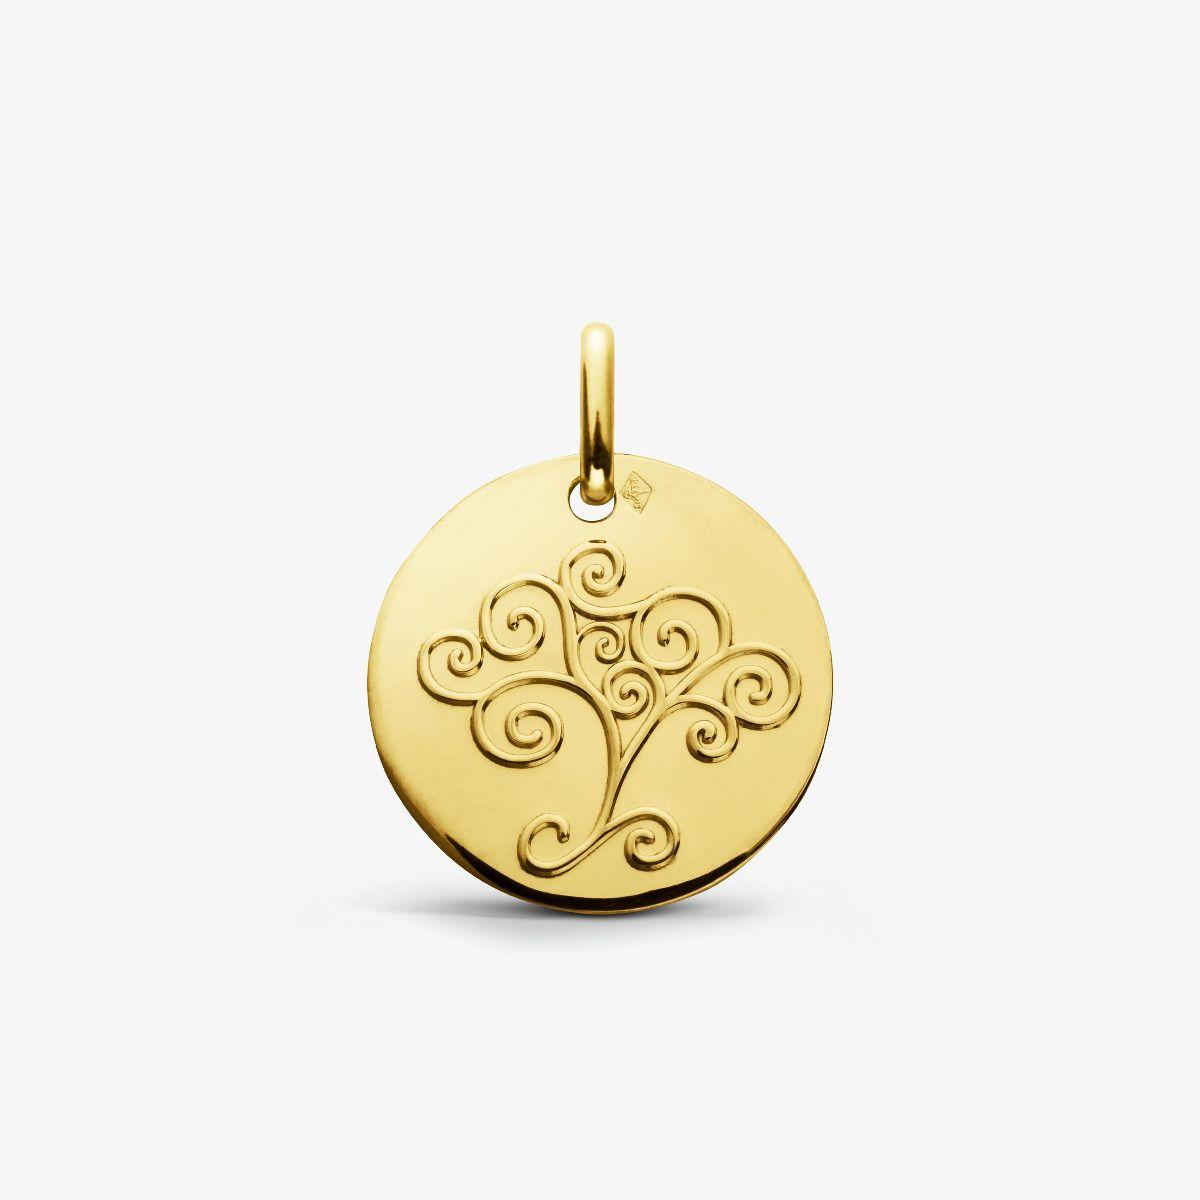 Médaille Arbre De Vie arabesque en Or Jaune 18 carats - 16 mm